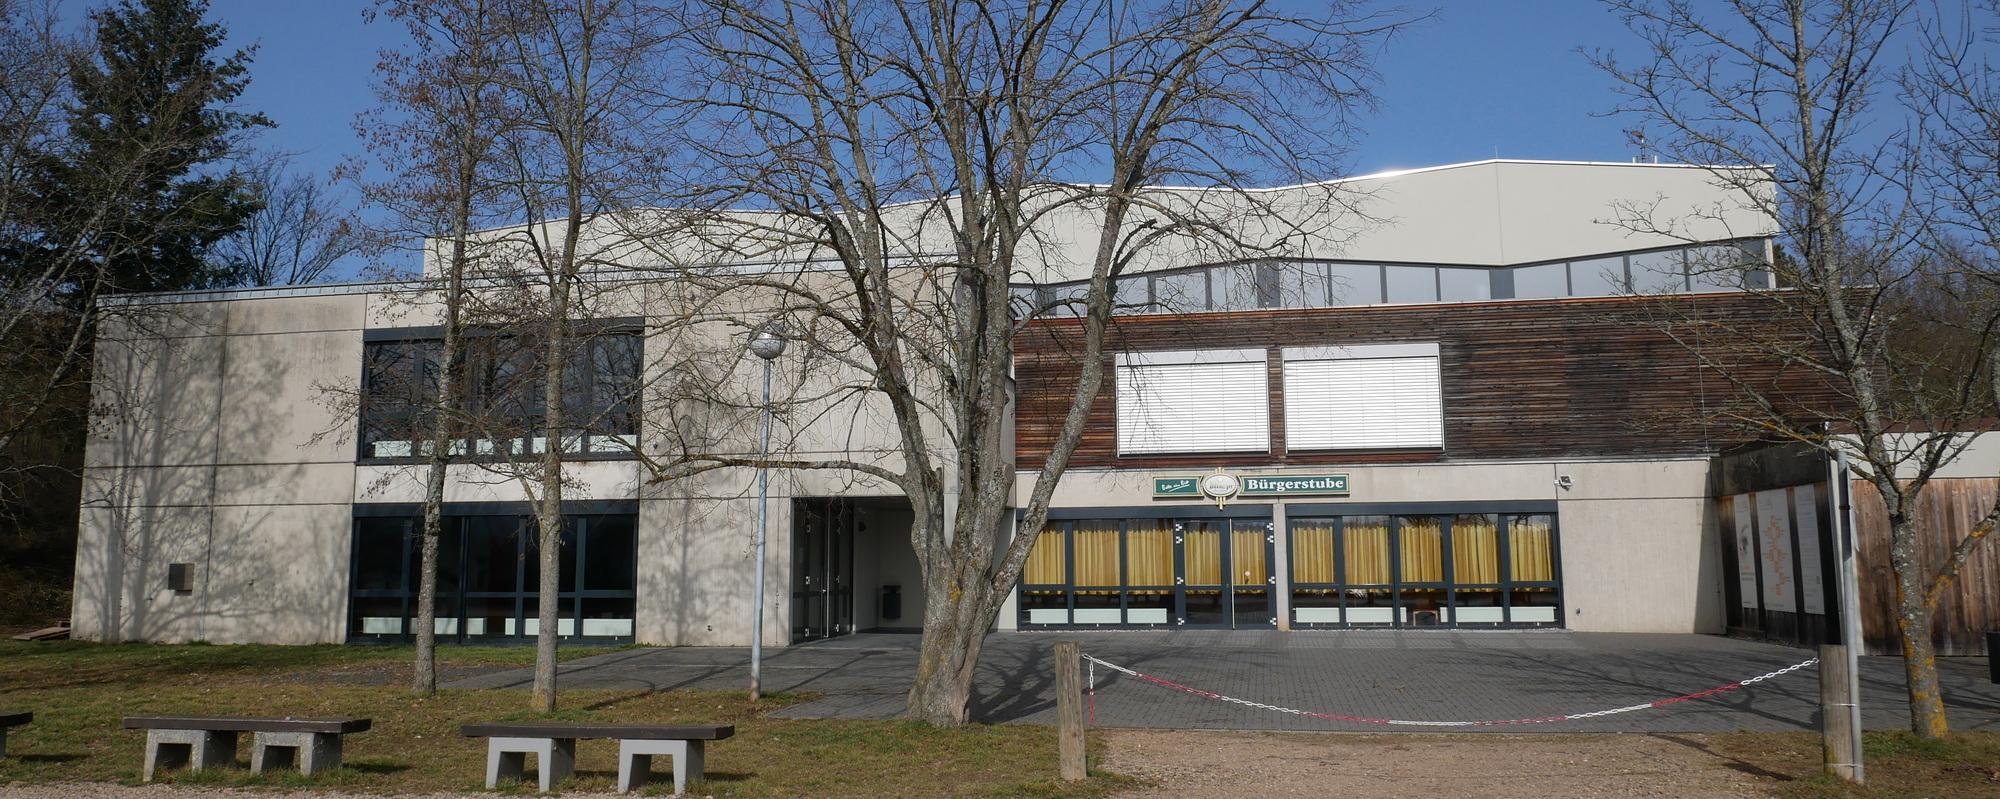 Rhein-Nahe-Halle in Weiler bei Bingen